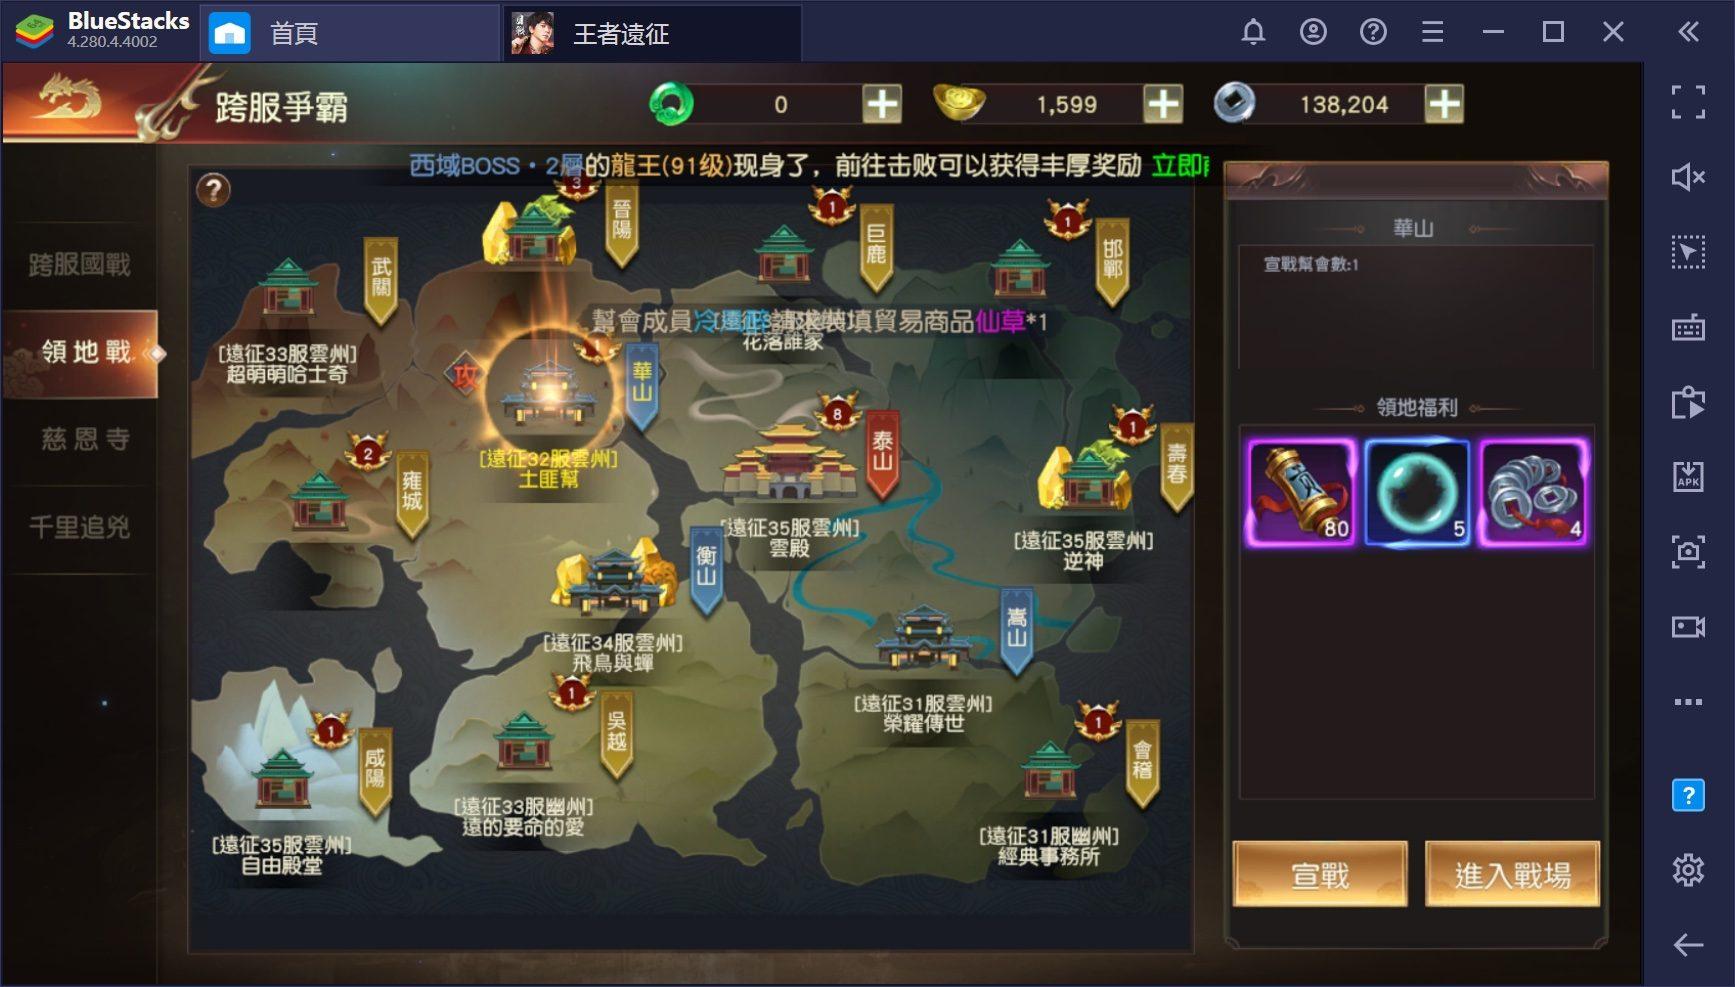 如何用BlueStacks在PC上玩國戰雷MMORPG手遊《王者遠征》